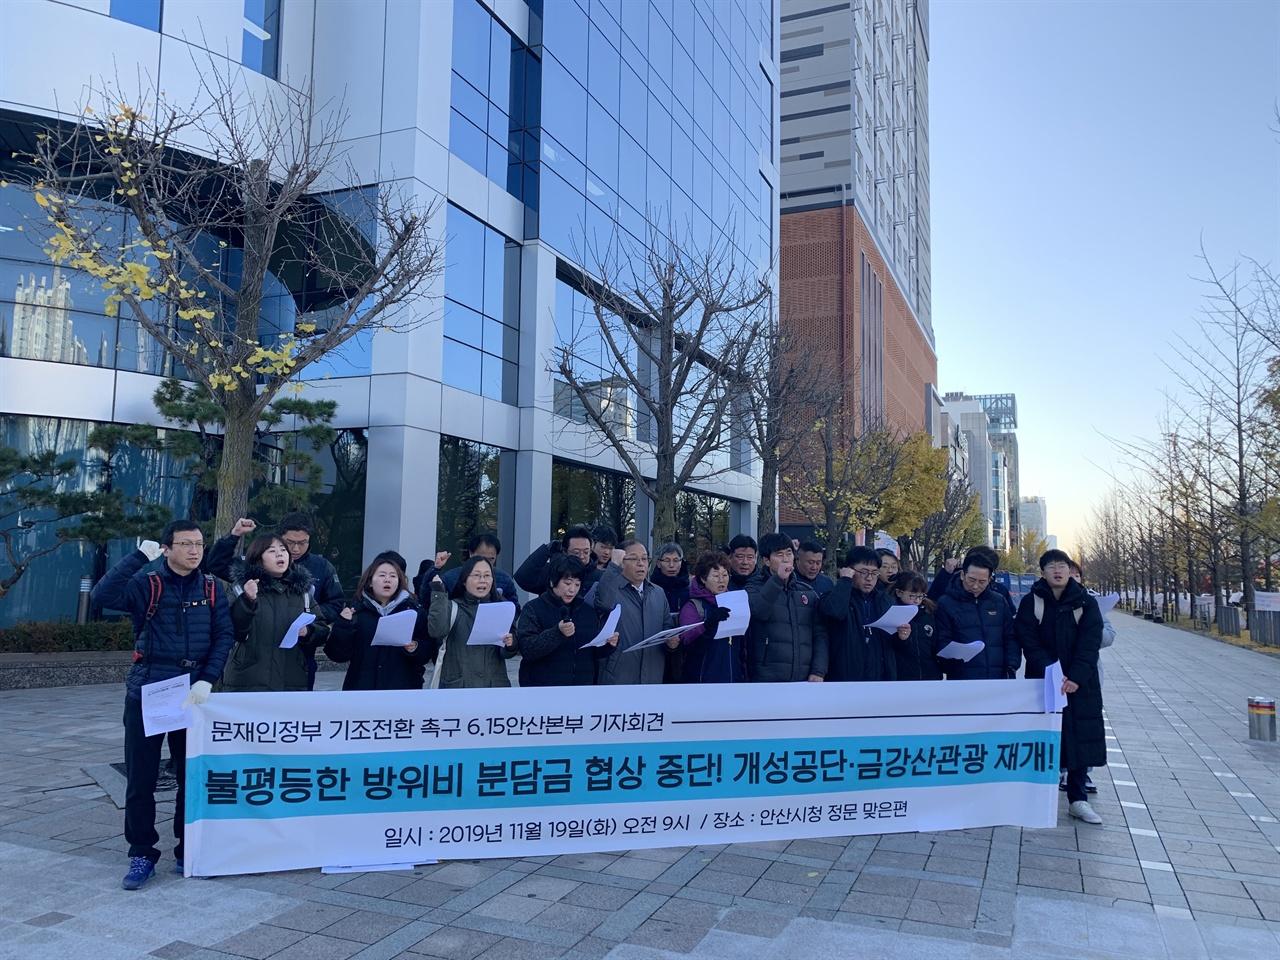 615안산본부2 615안산본부 기자회견에서 참가자들이 구호를외치고 있다.